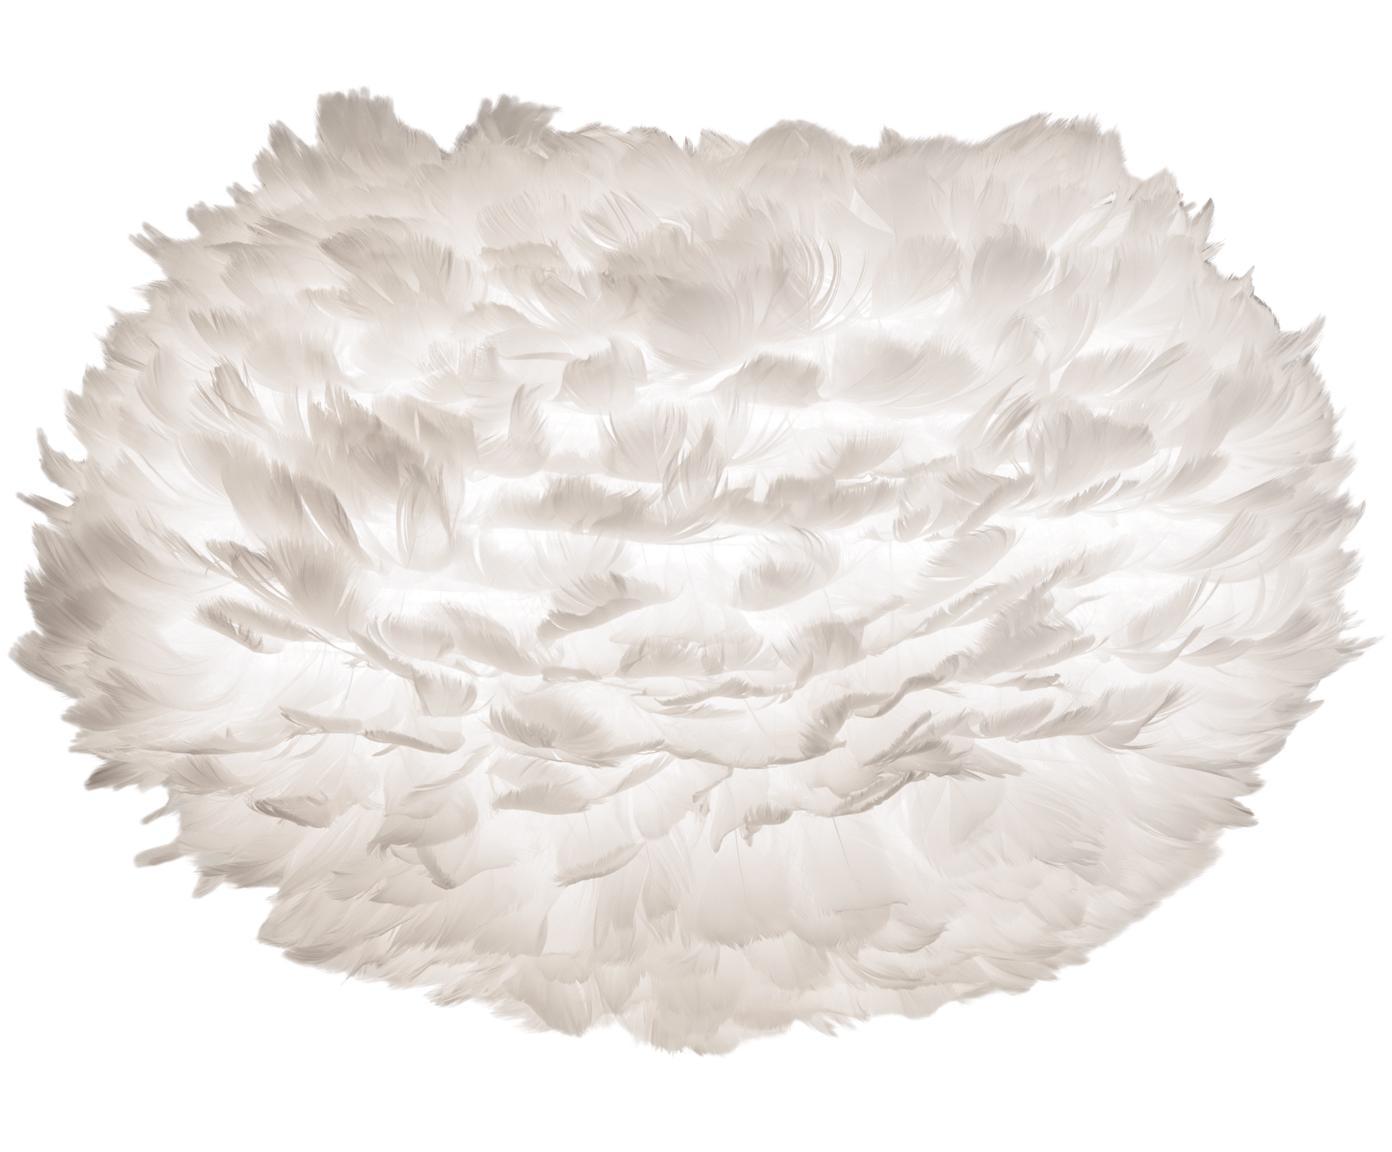 Klosz Eos, Pióra gęsie, stal, Biały, Ø 45 x W 30 cm